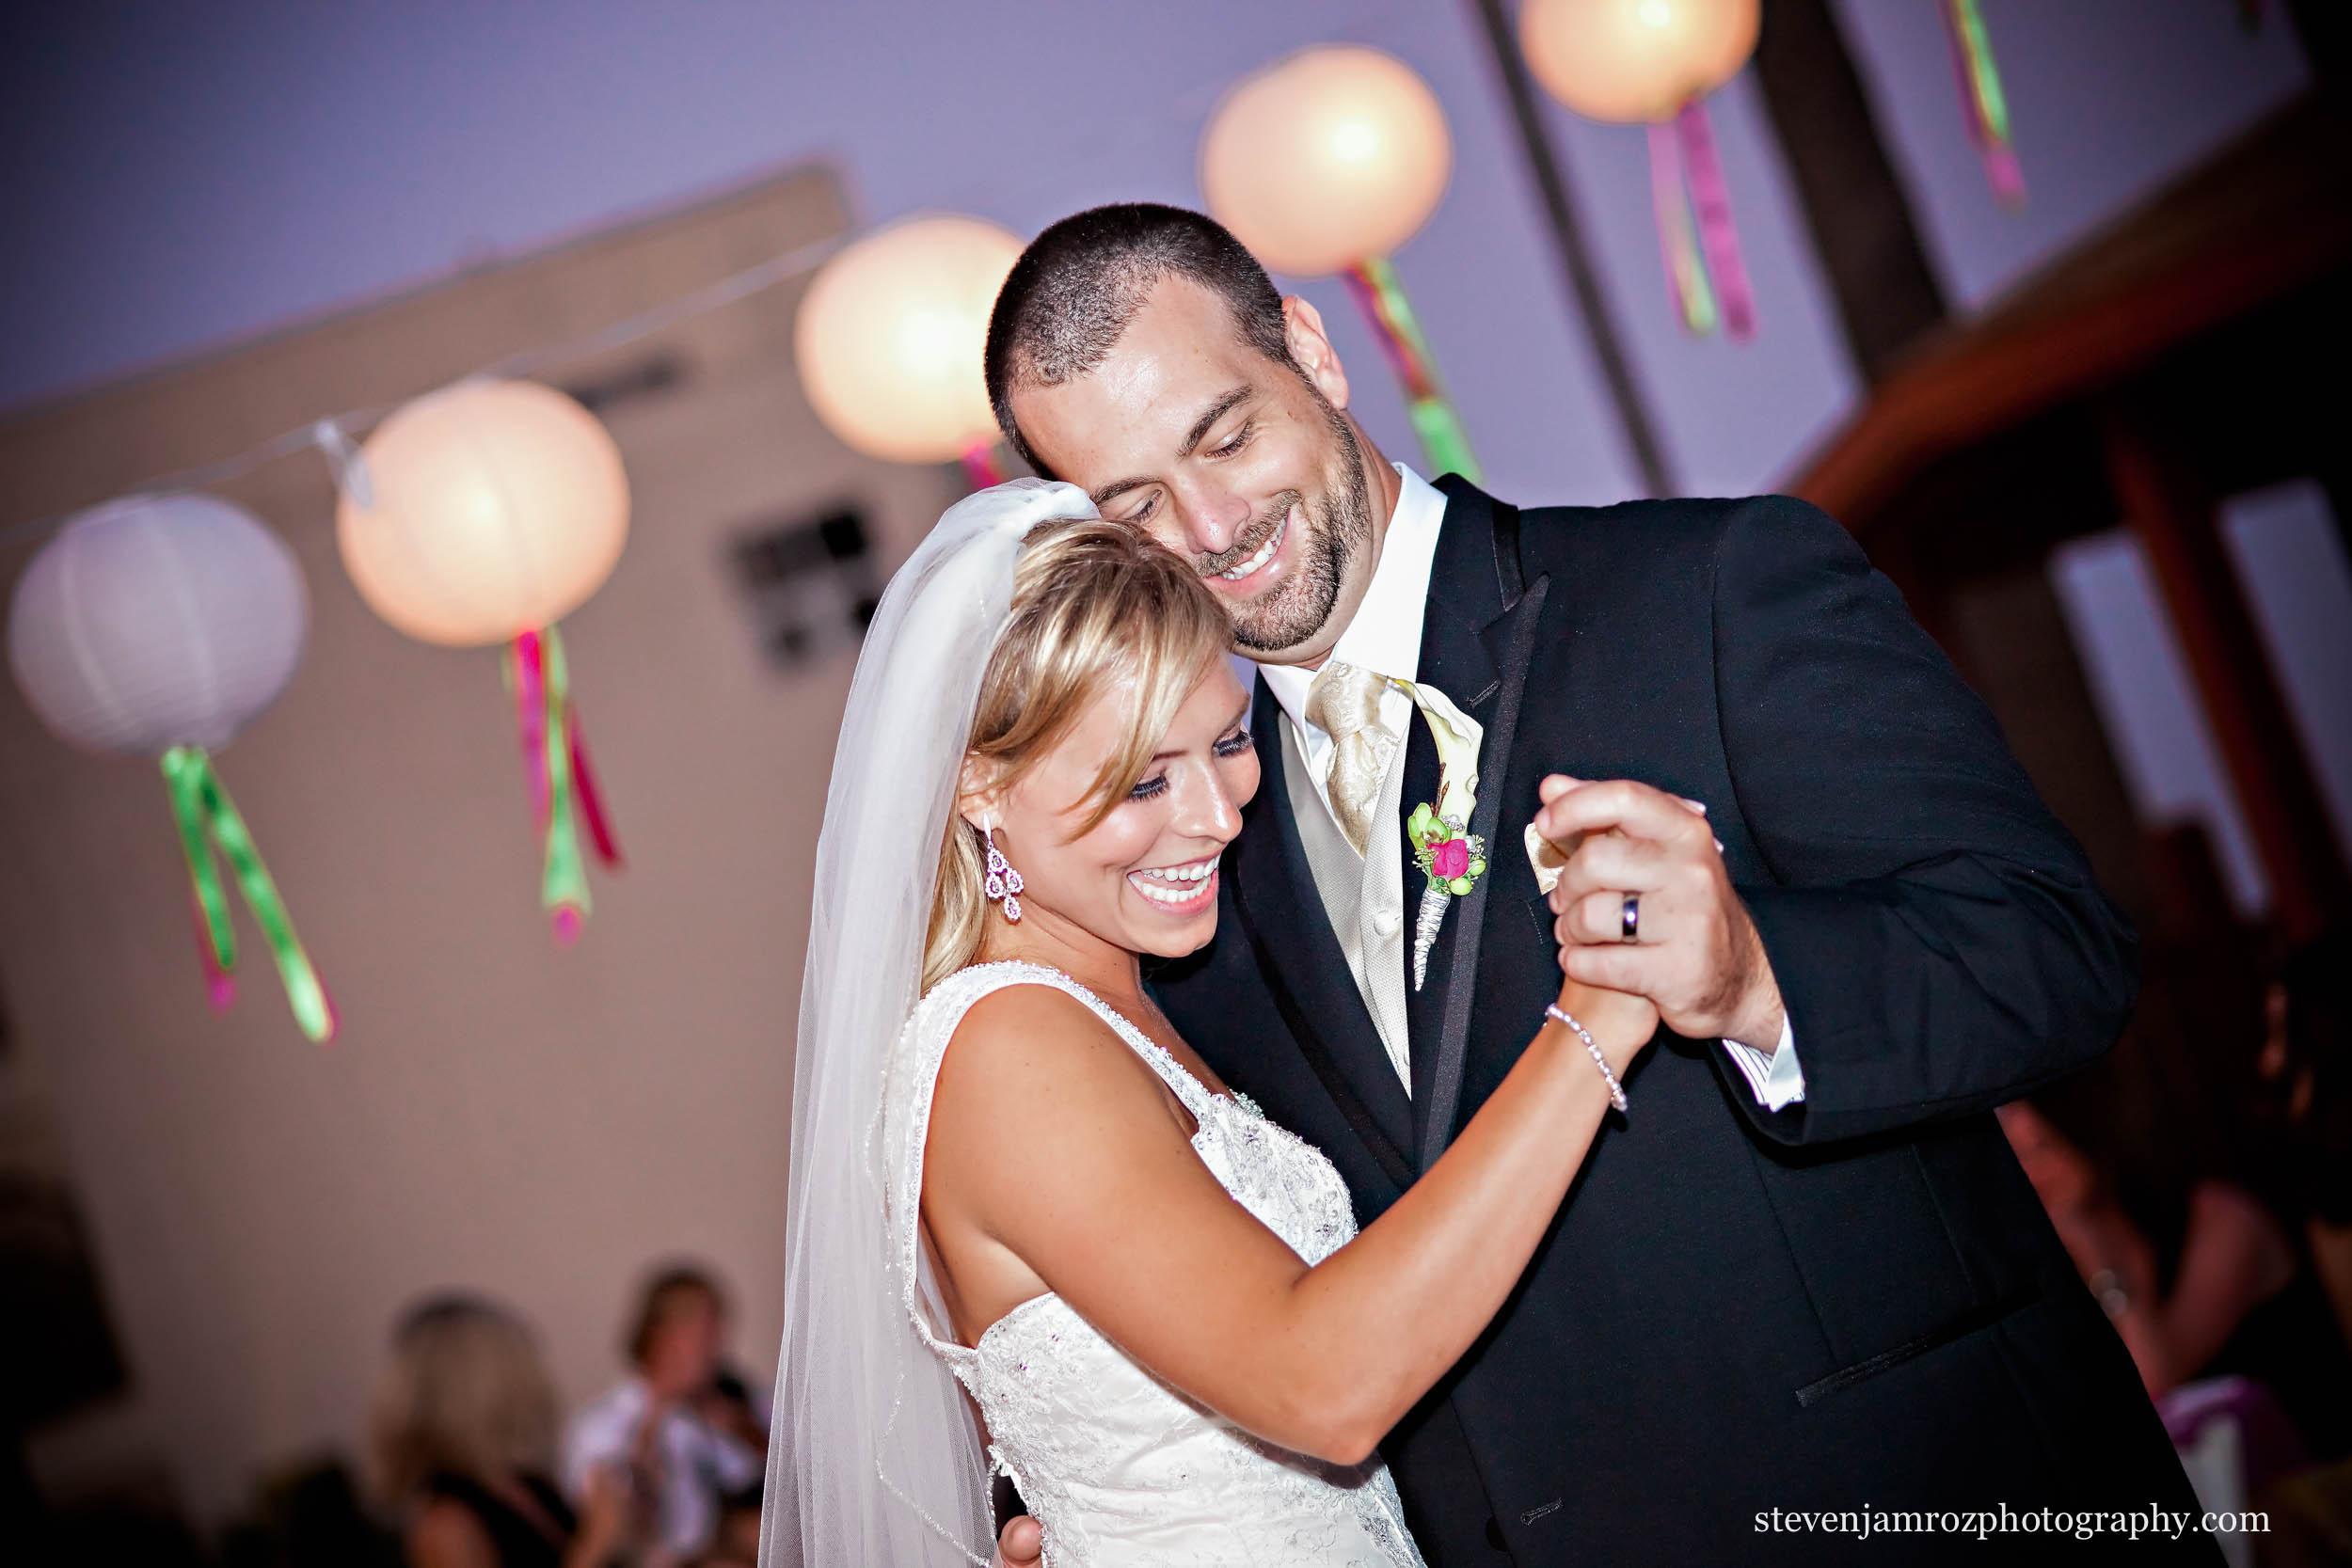 happy-bride-groom-dancing-jamroz-photography-0344.jpg